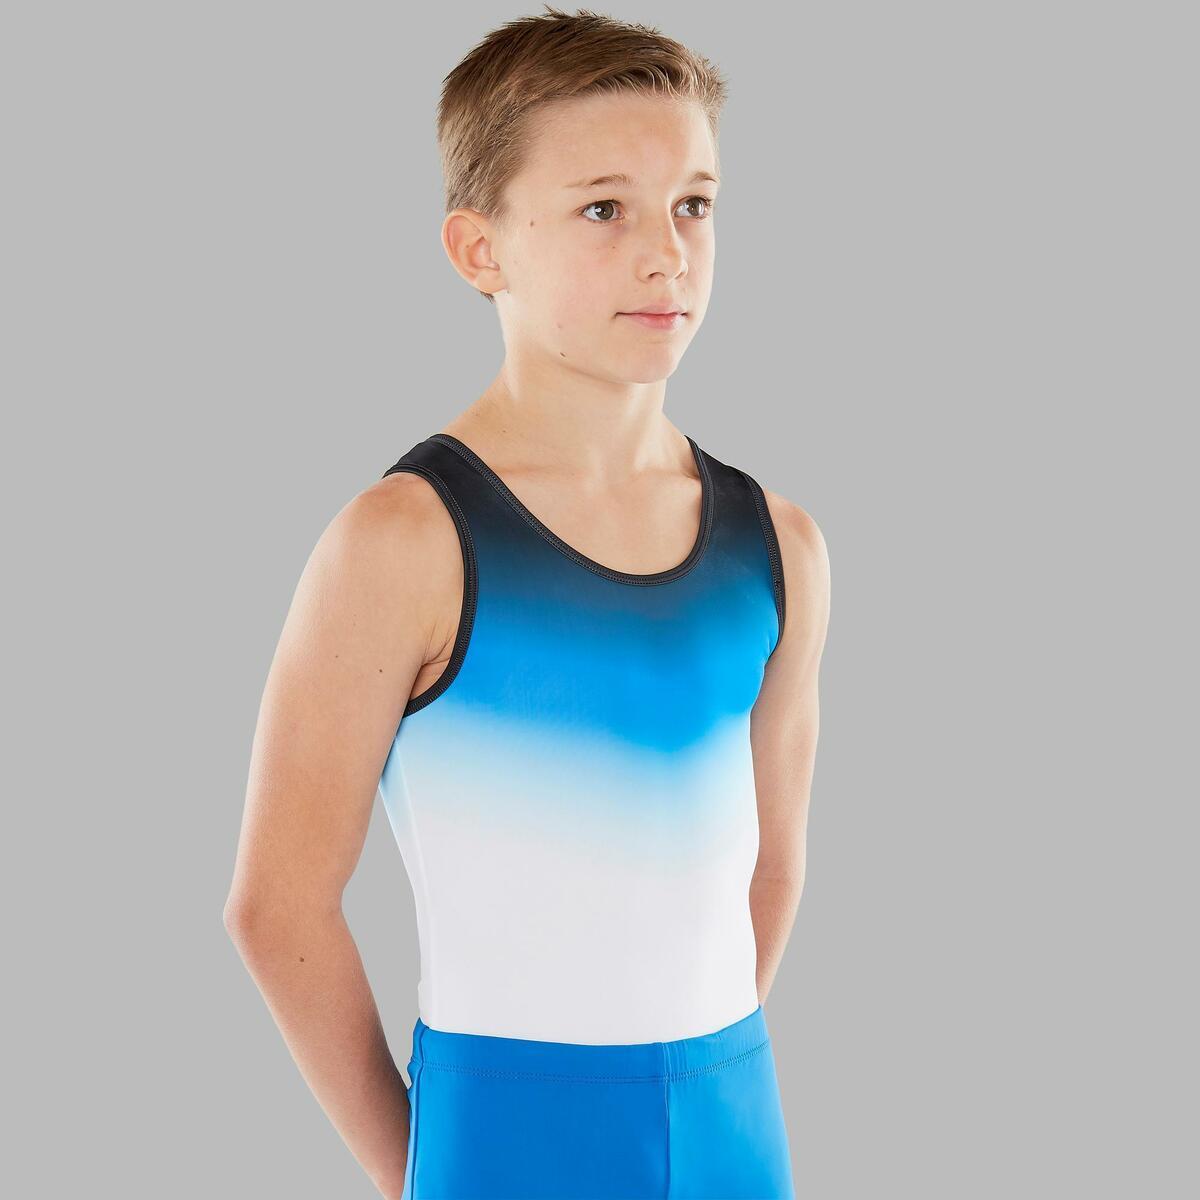 Bild 1 von Turnanzug Kunstturnen Jungen Herren blau